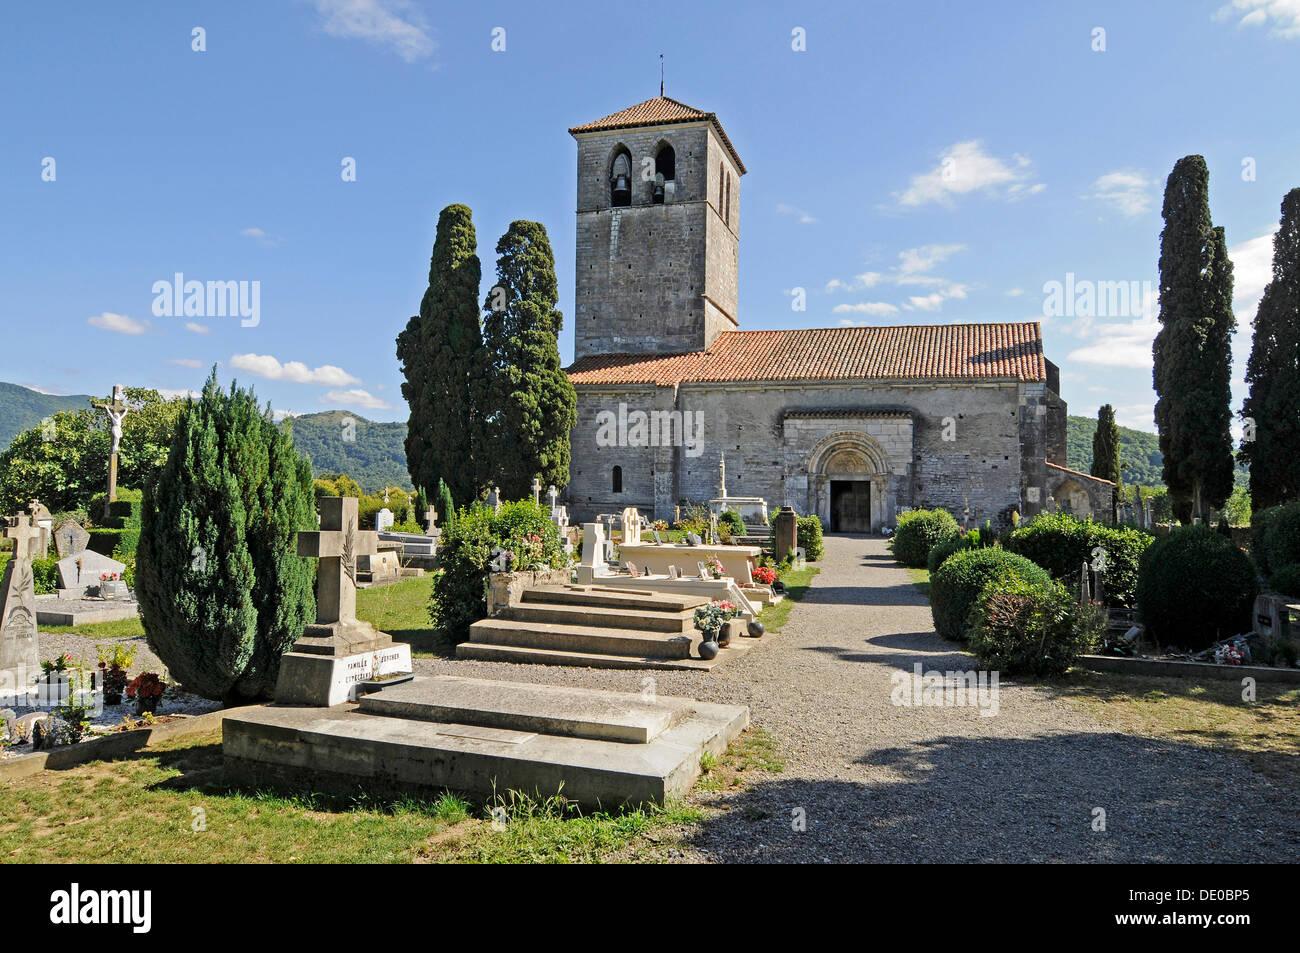 Basilica of Saint Just de Valcabrère, Way of St. James, Camino de Santiago trail, Saint-Bertrand-de-Comminges, Midi-Pyrénées - Stock Image